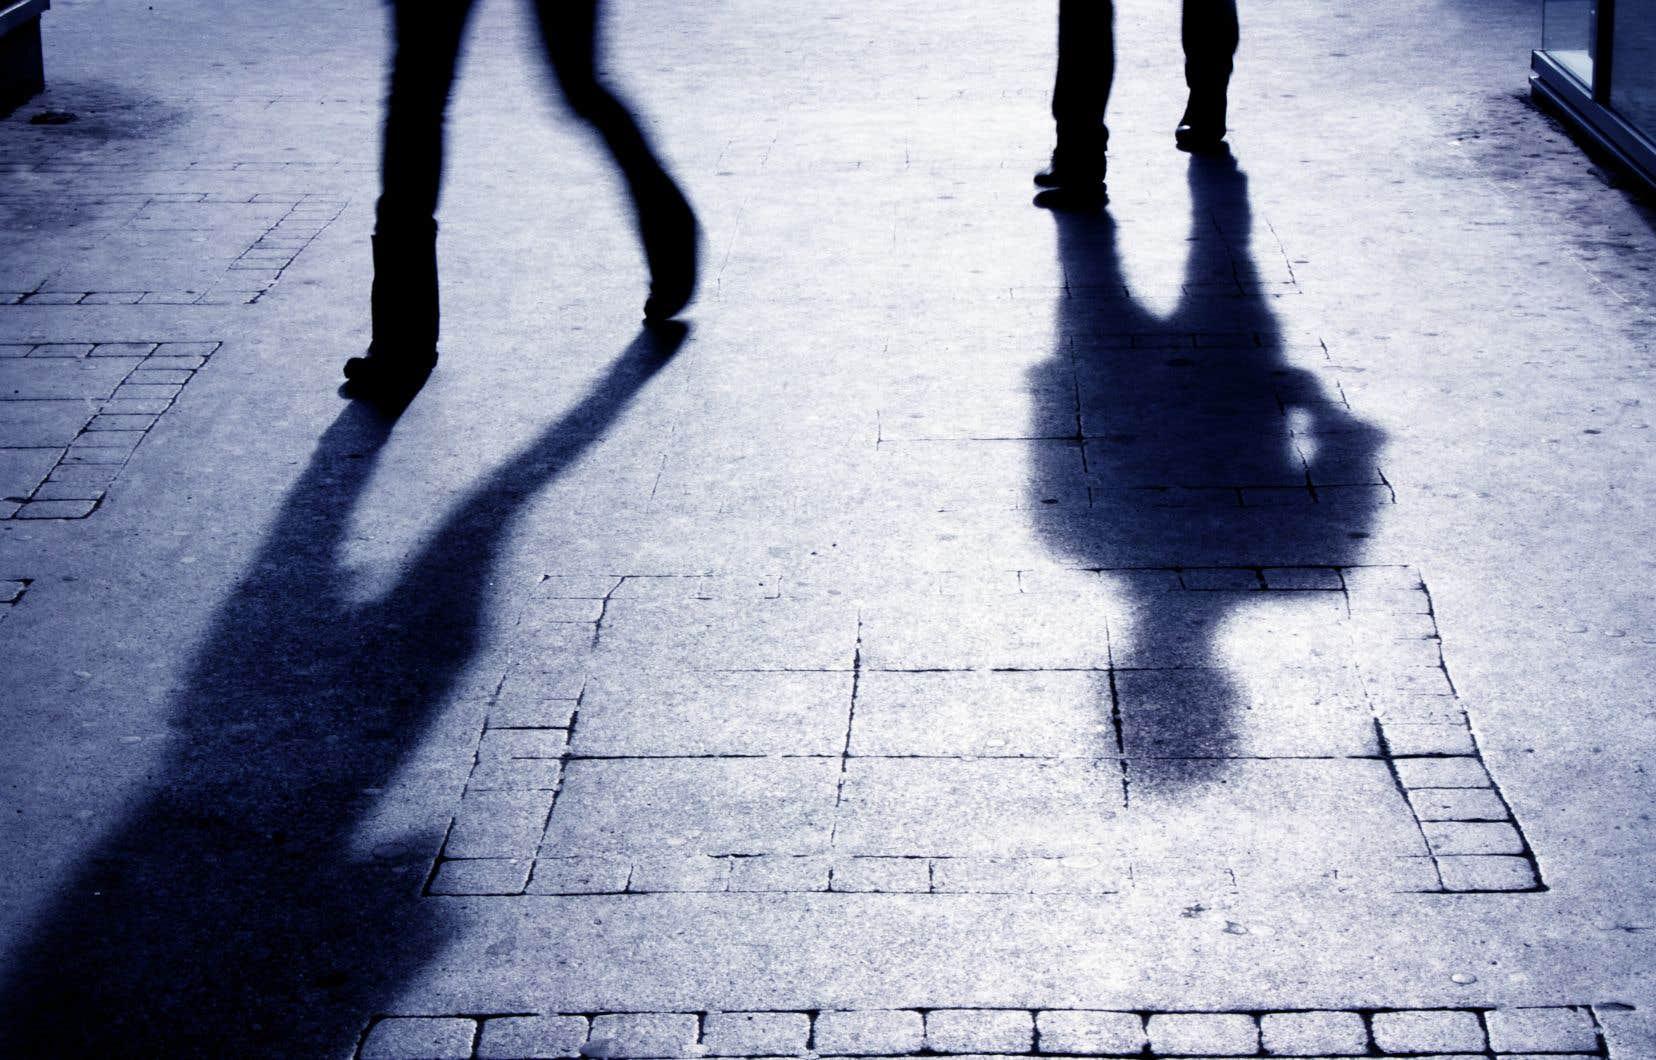 La représentation du viol, lorsqu'elle est gratuite, n'est pas sans effet chez les lectrices, a fortiori chez celles qui ont déjà été violées.